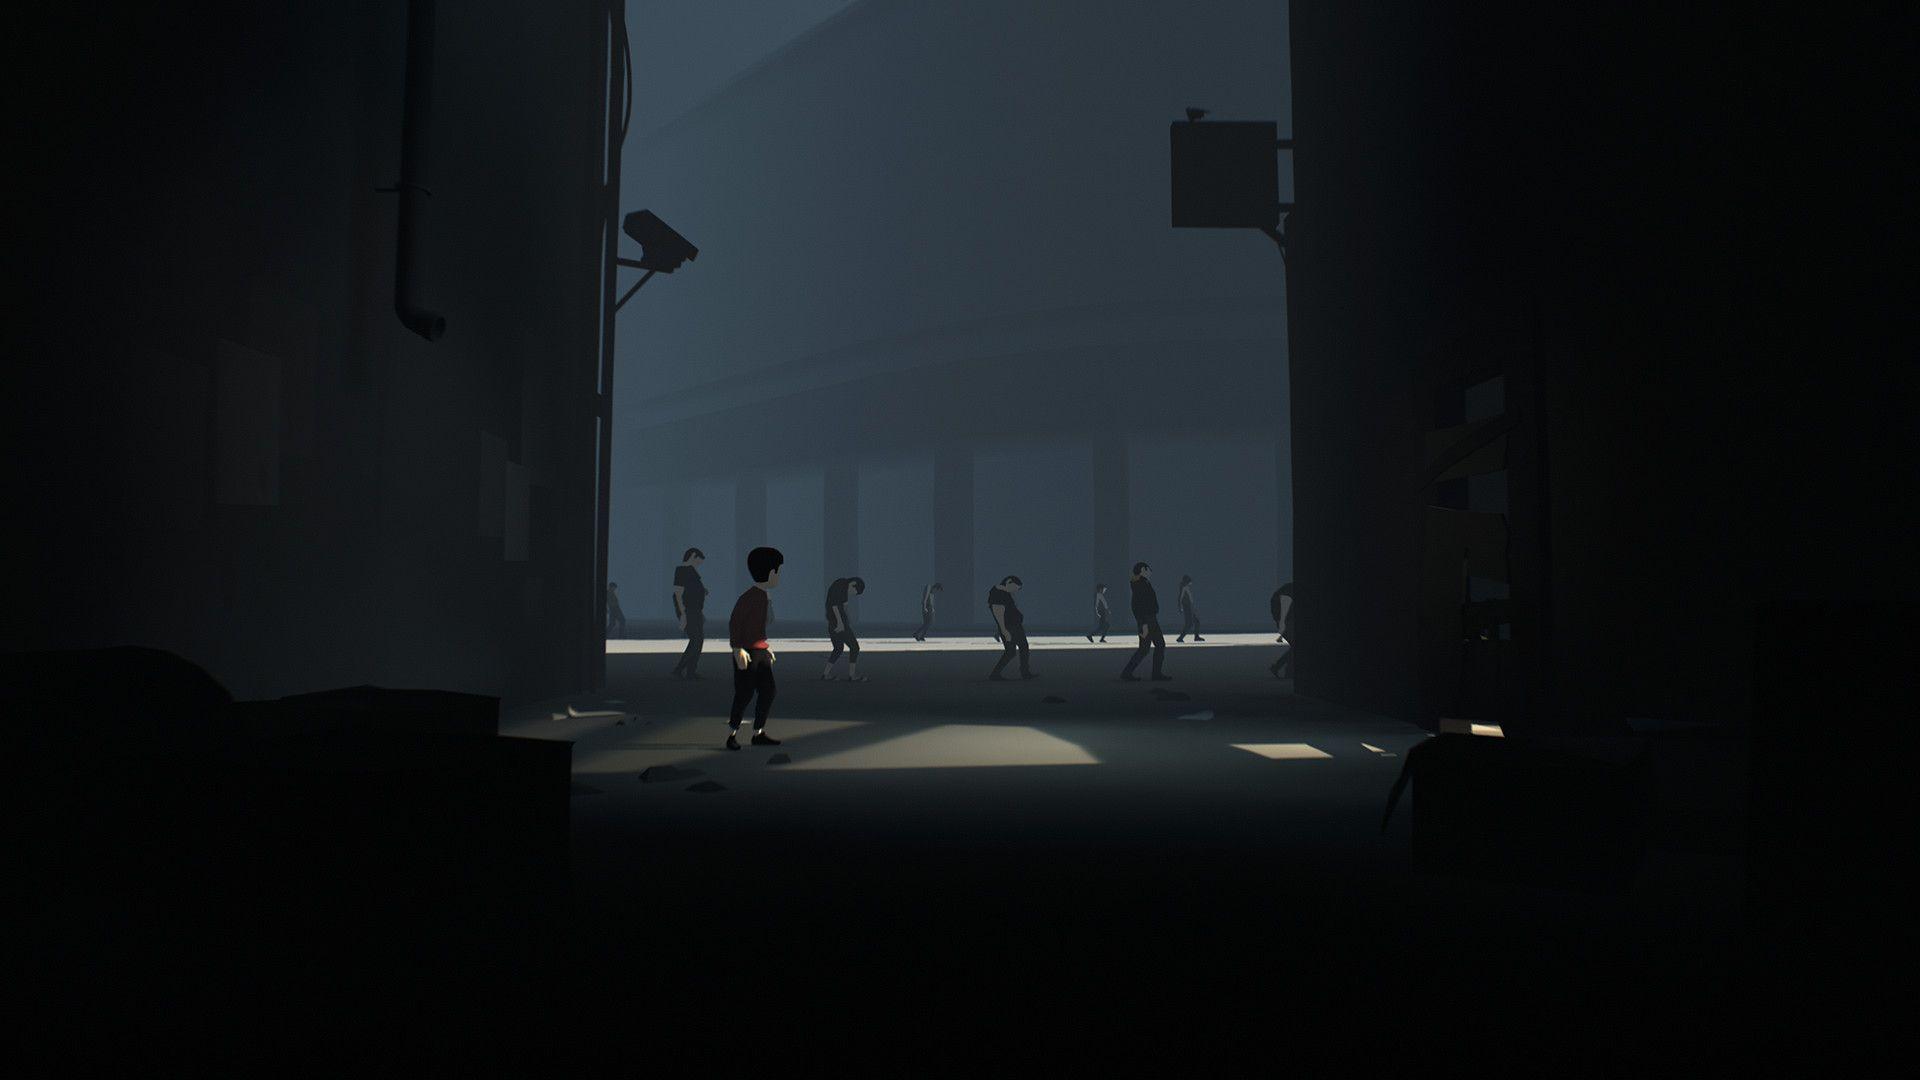 Inside-screenshots-final-alternativo